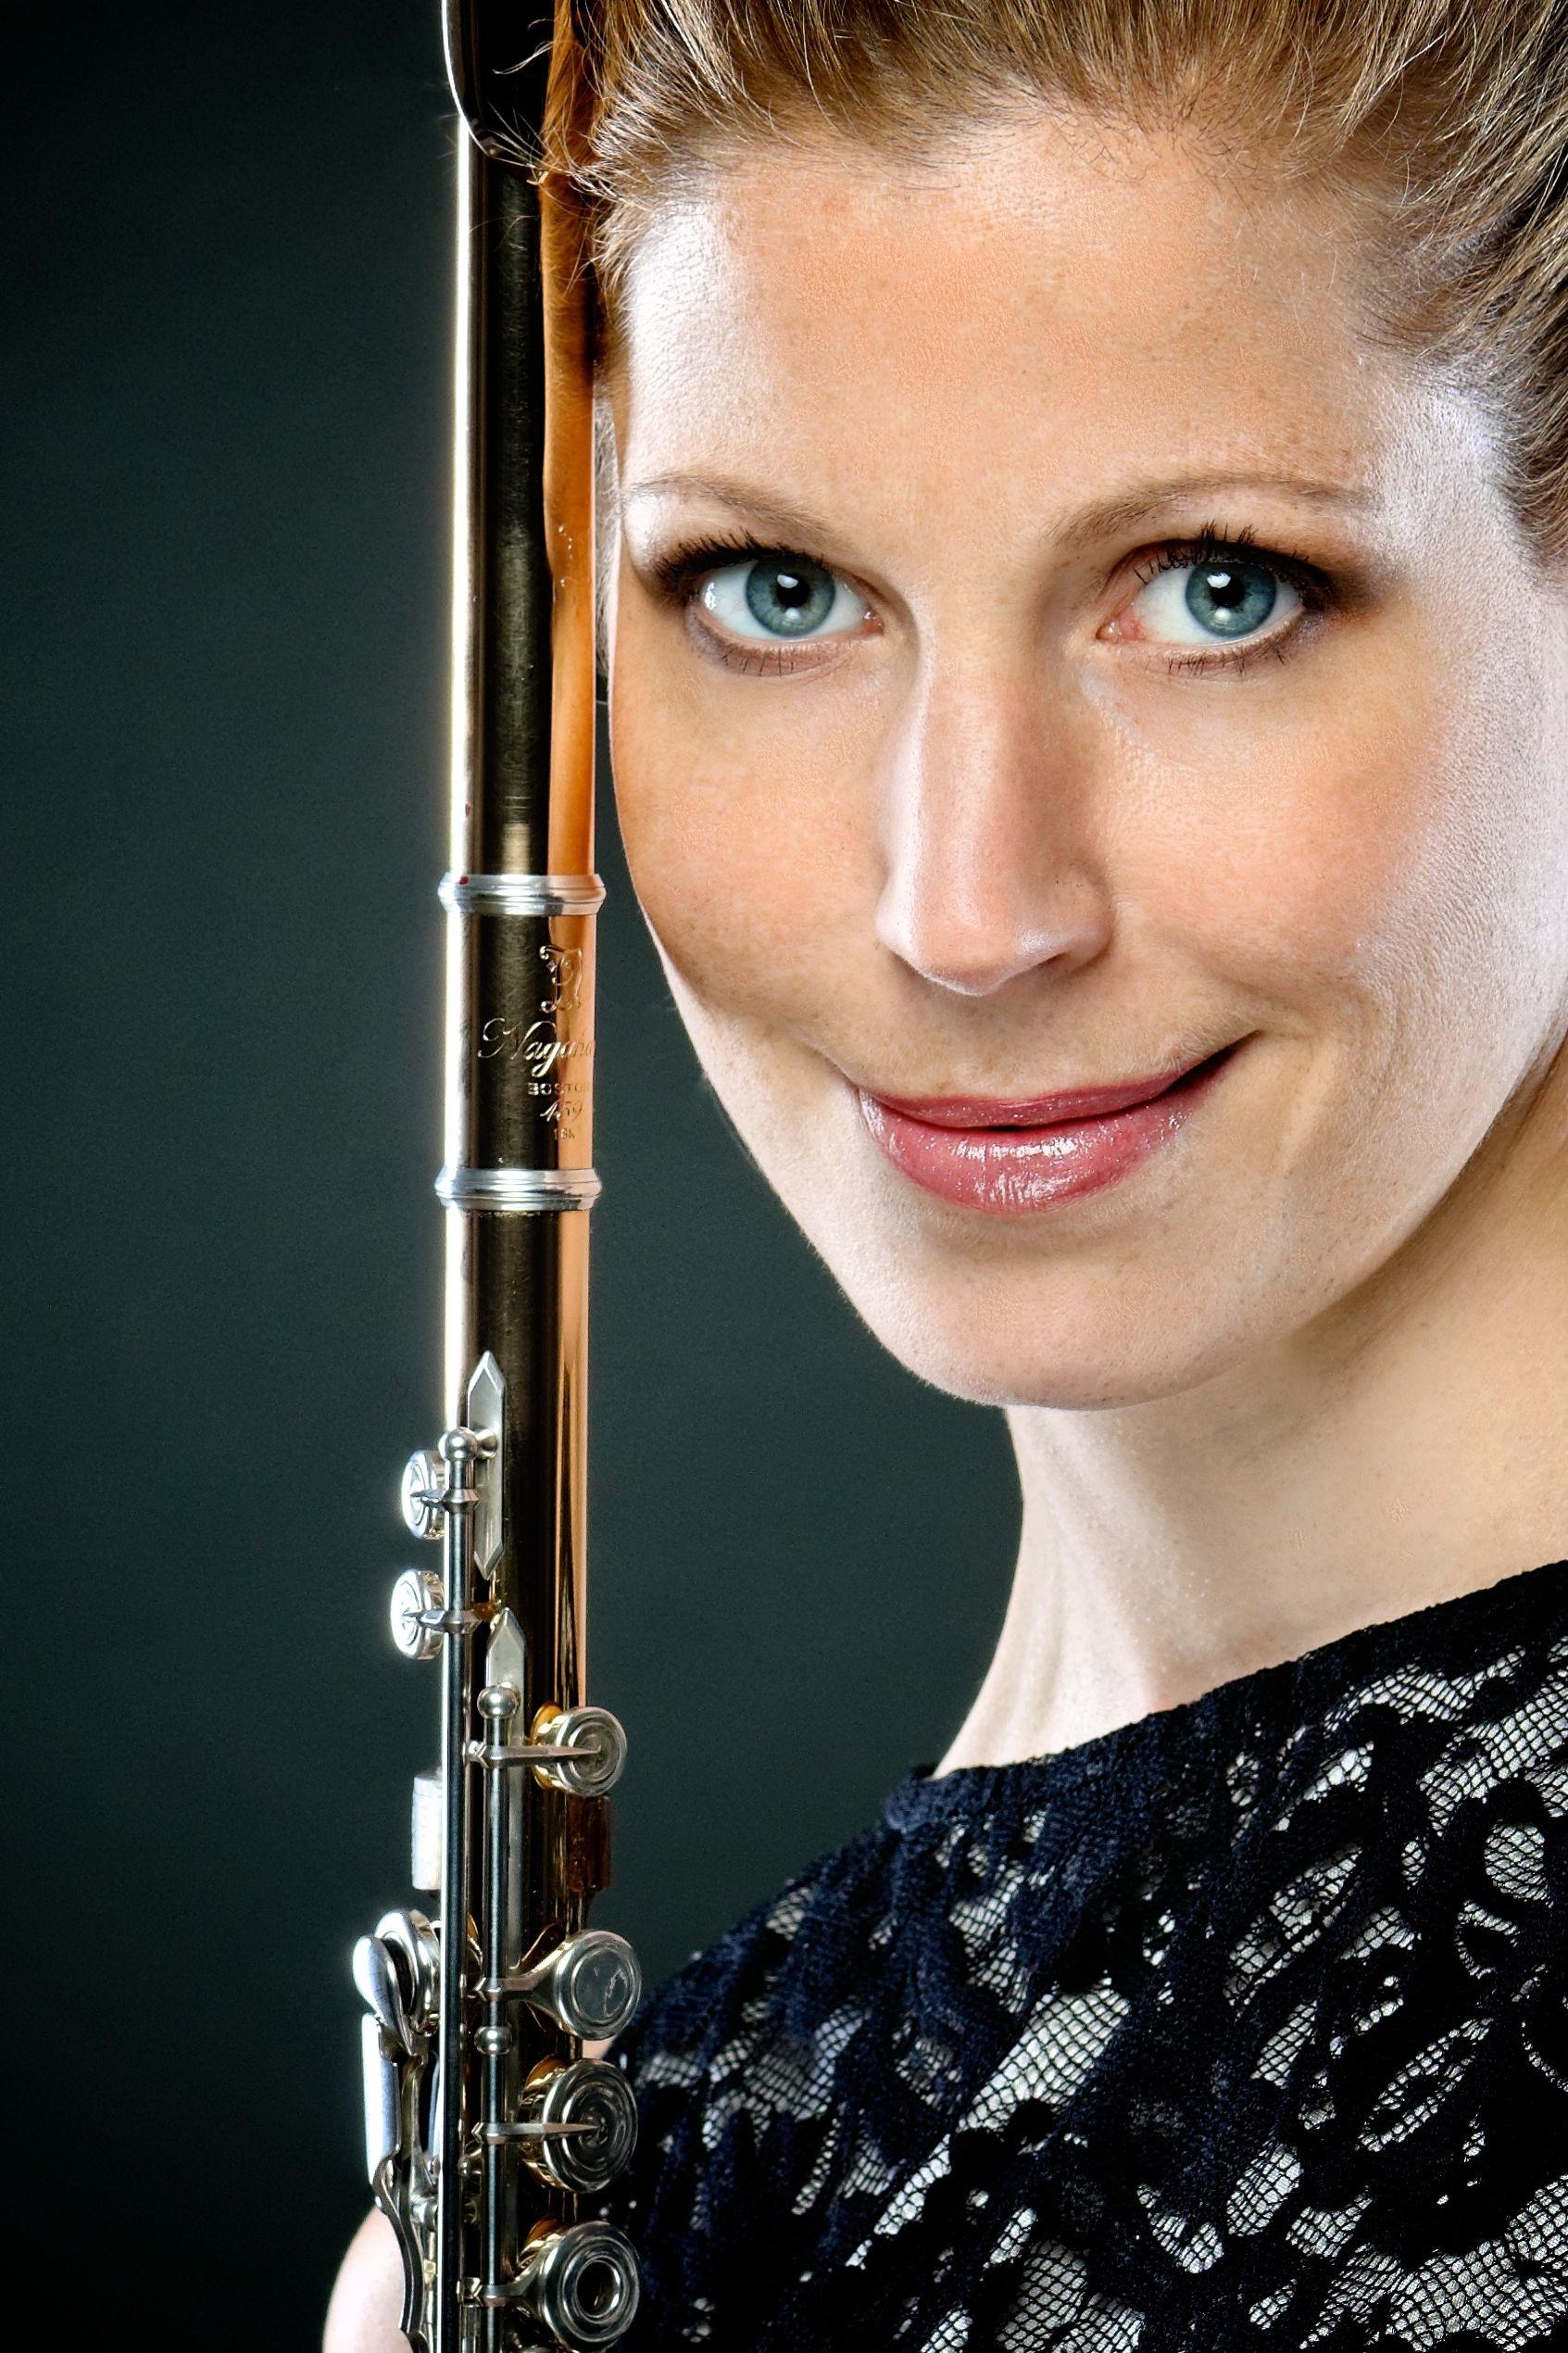 Andrea Loetscher